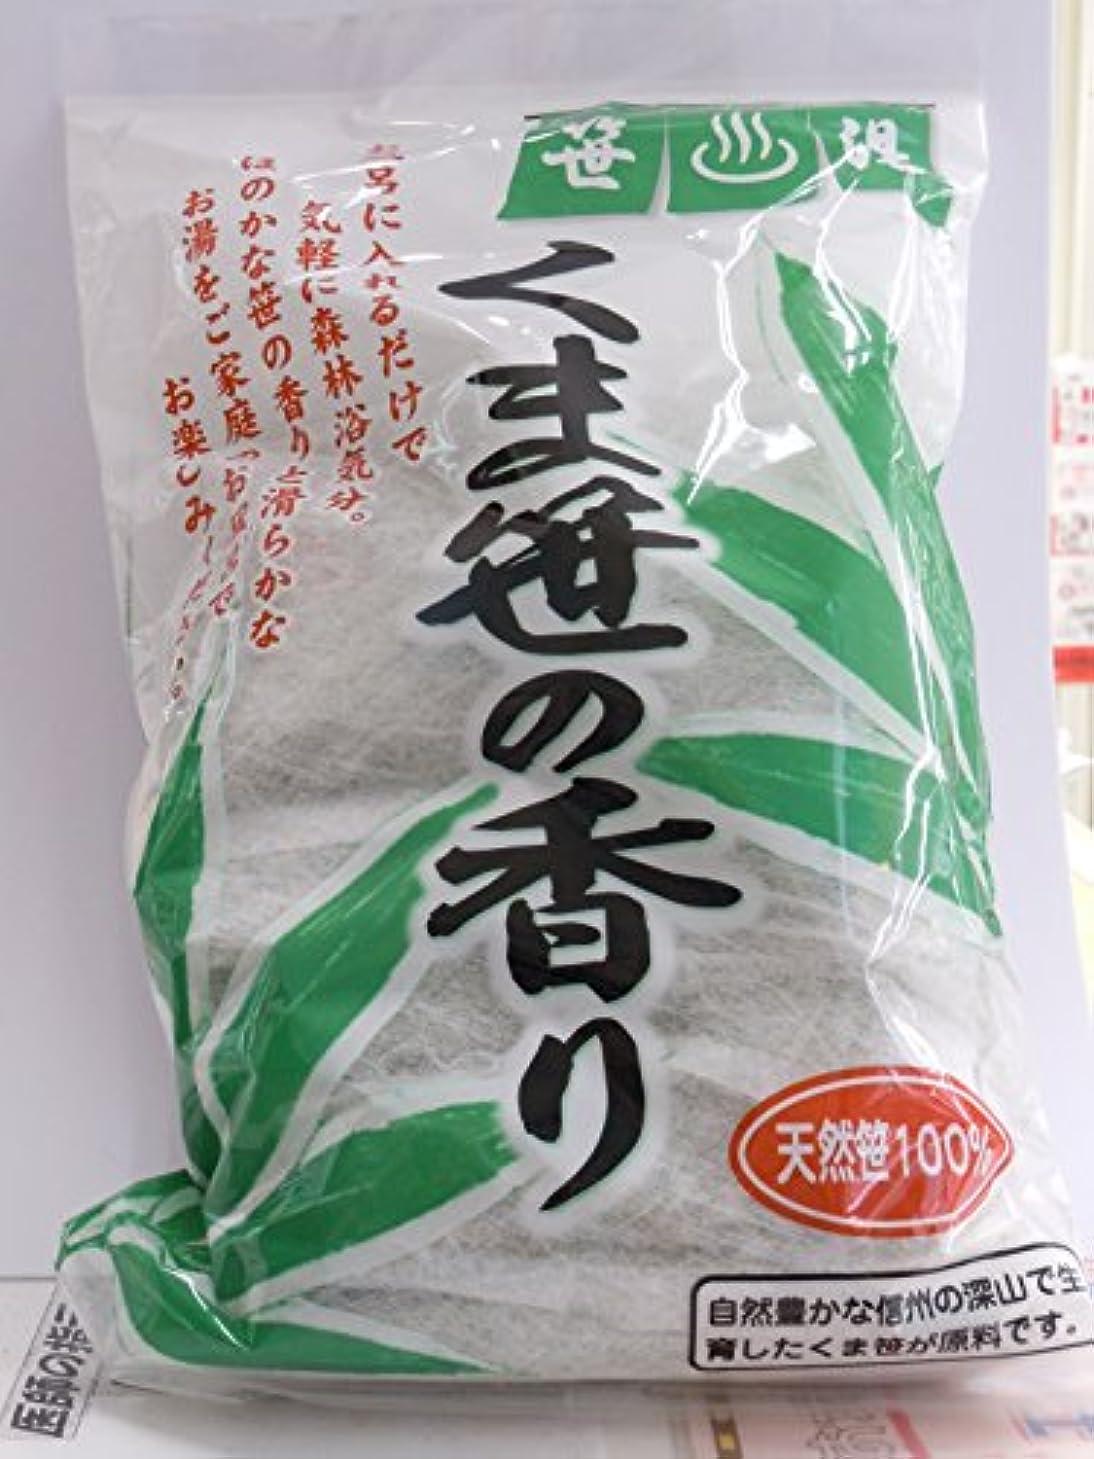 絶え間ないコンソール貫通サンクロン 信州産 くま笹の香り 天然100% 40gx5包